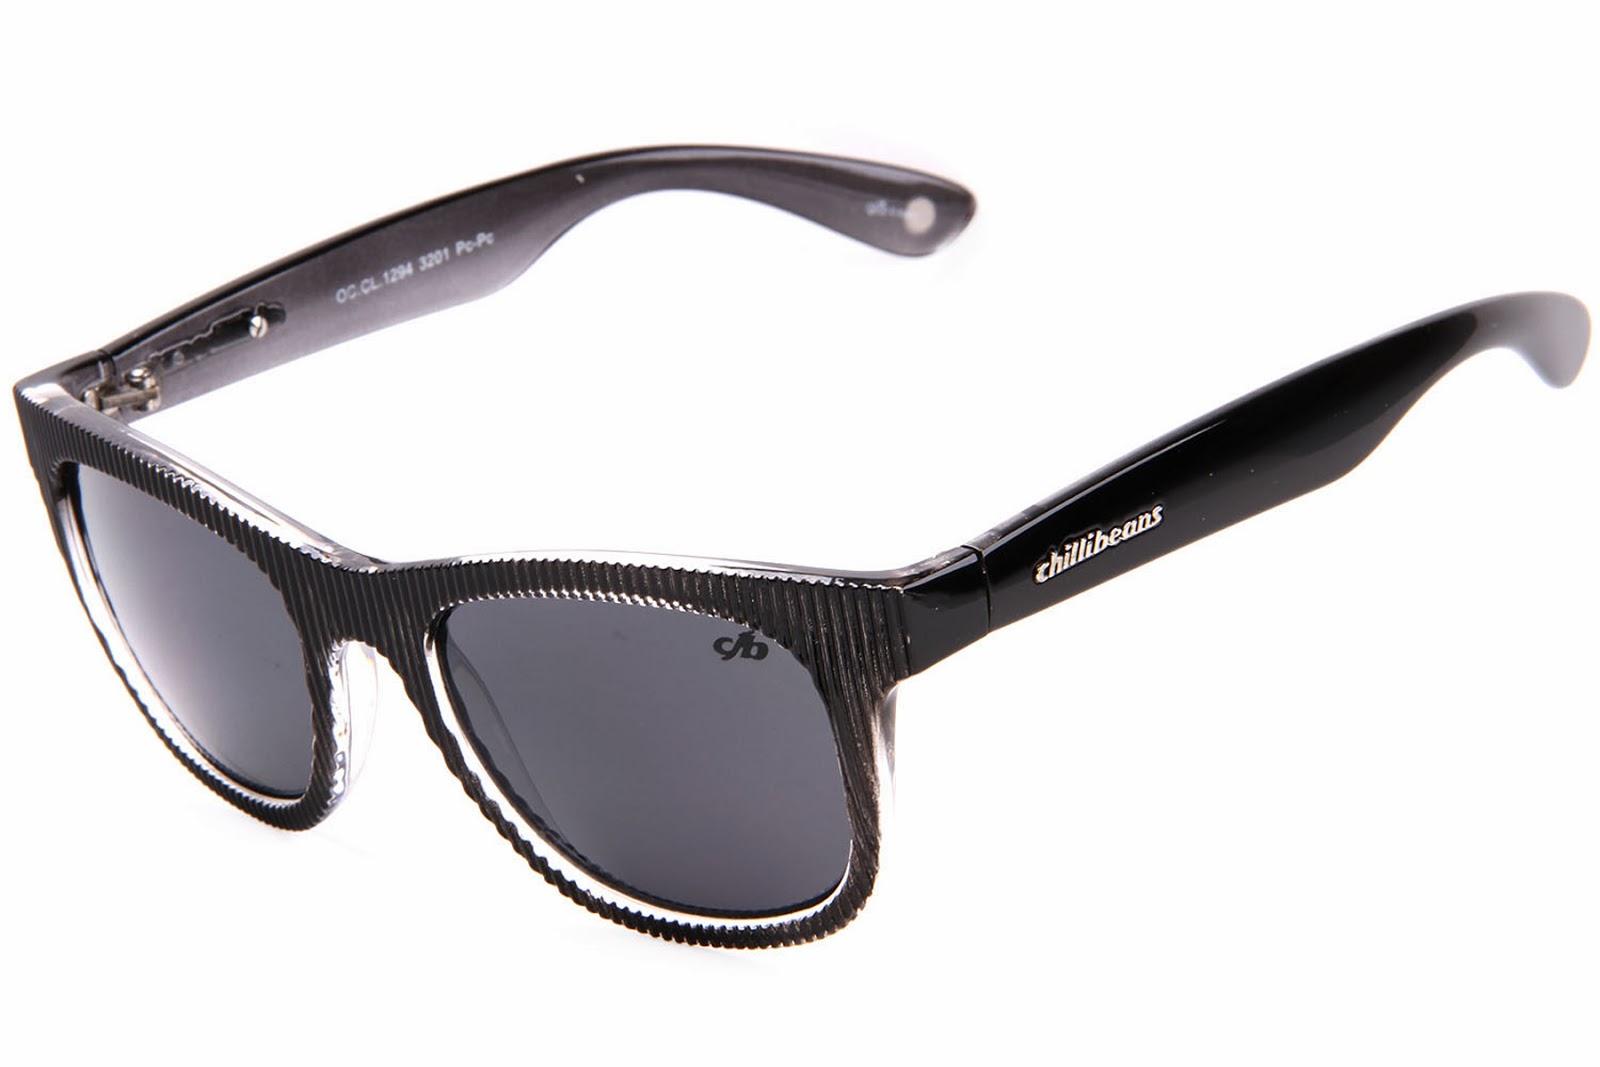 a90f49676 As peças estão disponíveis em todas as lojas da rede, com preços sugeridos  de R$ 148,00. Save. Acessórios Chilli Beans Óculos